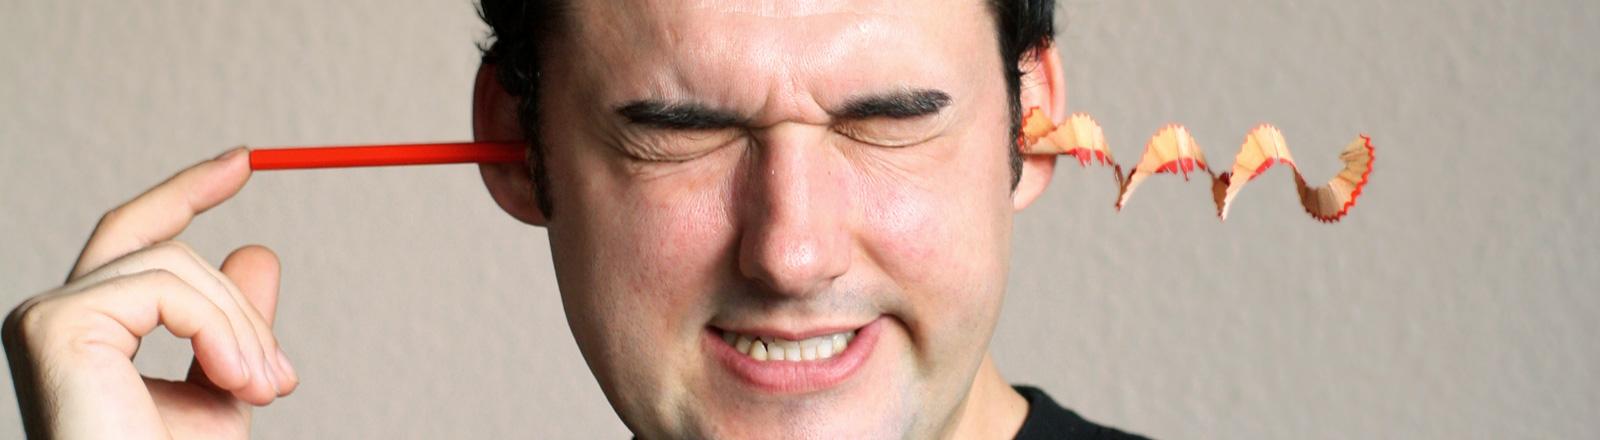 Ein Mann hält an das eine Ohr einen Bleistift. Aus dem anderen Ohr fällt Spitzabfall.